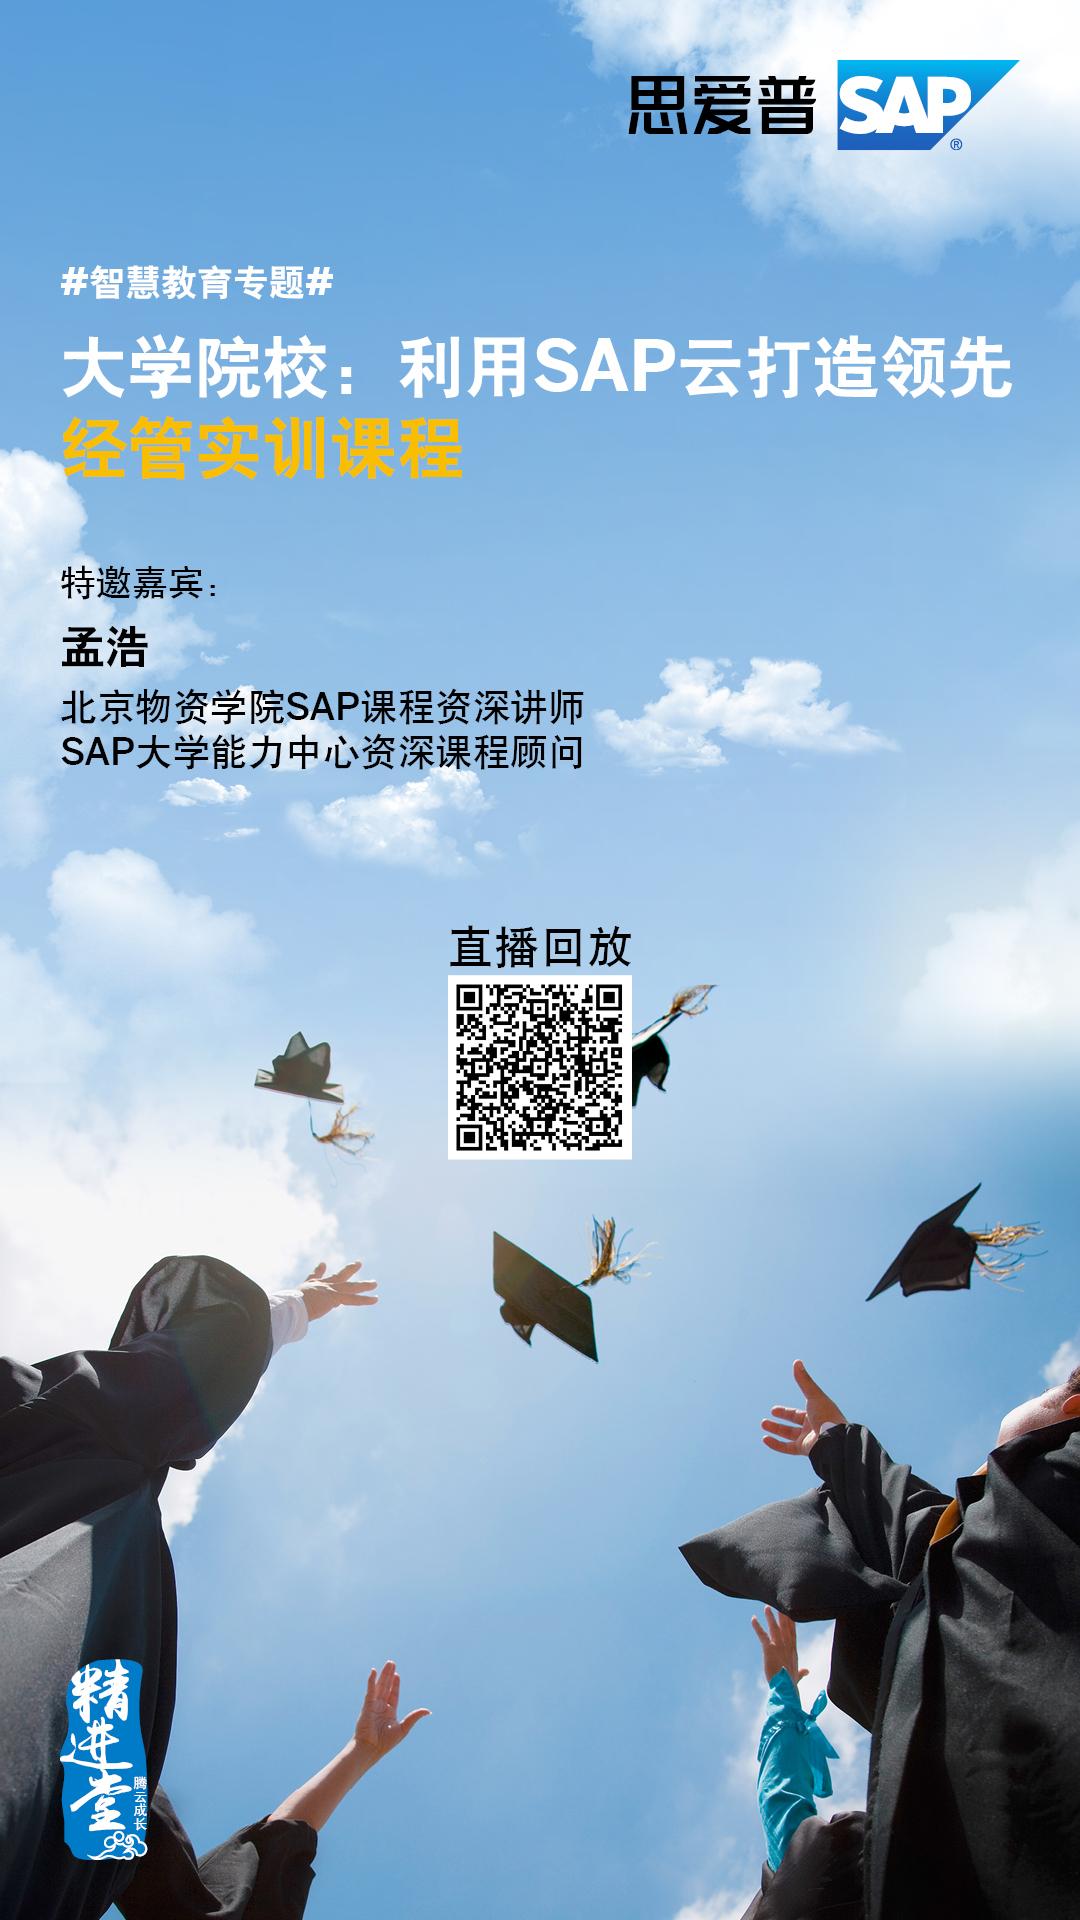 0813大学院校:利用SAP云打造领先经管实训课程 直播回放.jpg